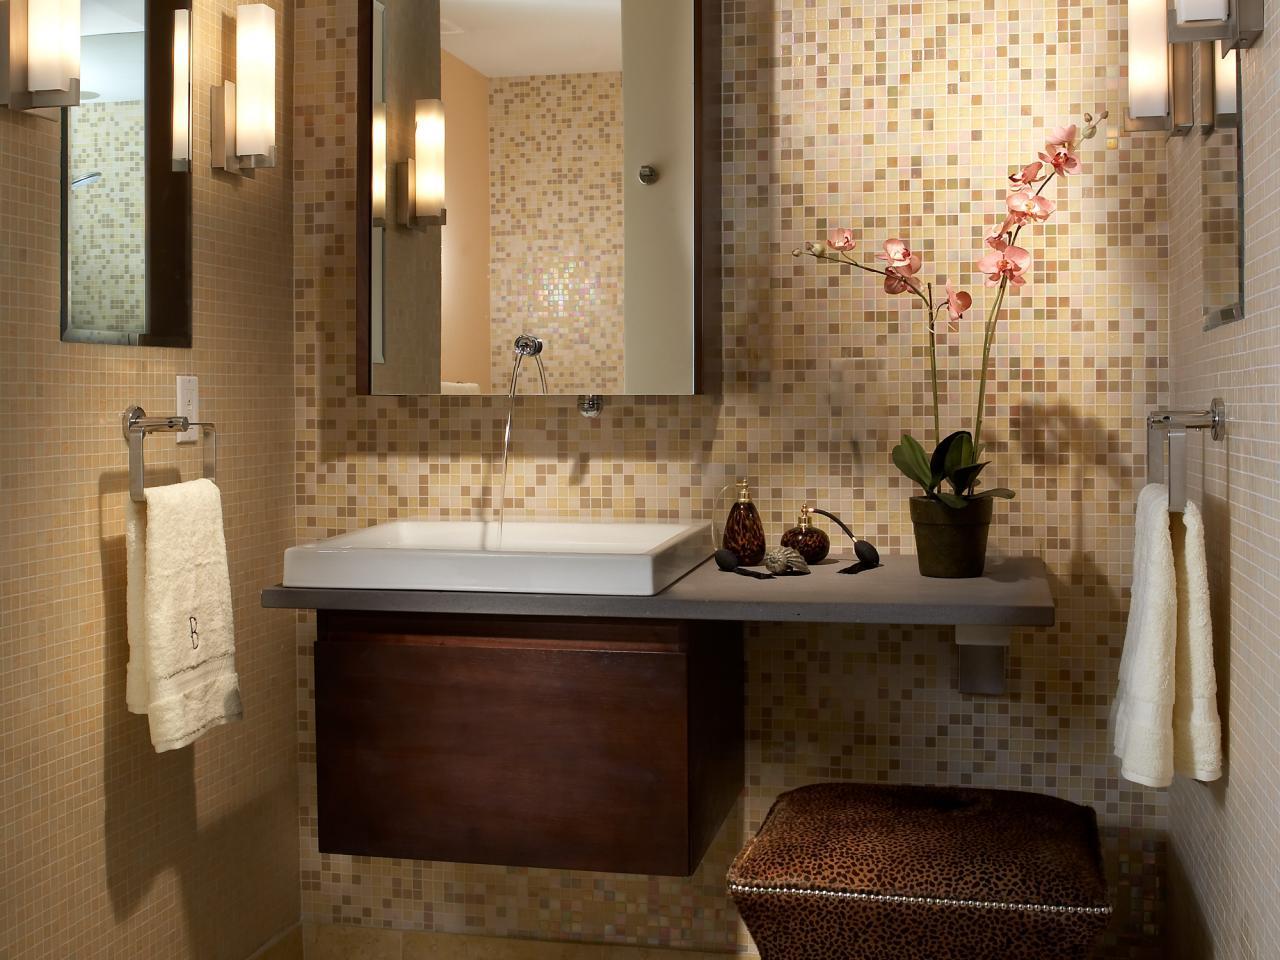 كيفية تصميم حمامات صغيرة المرسال